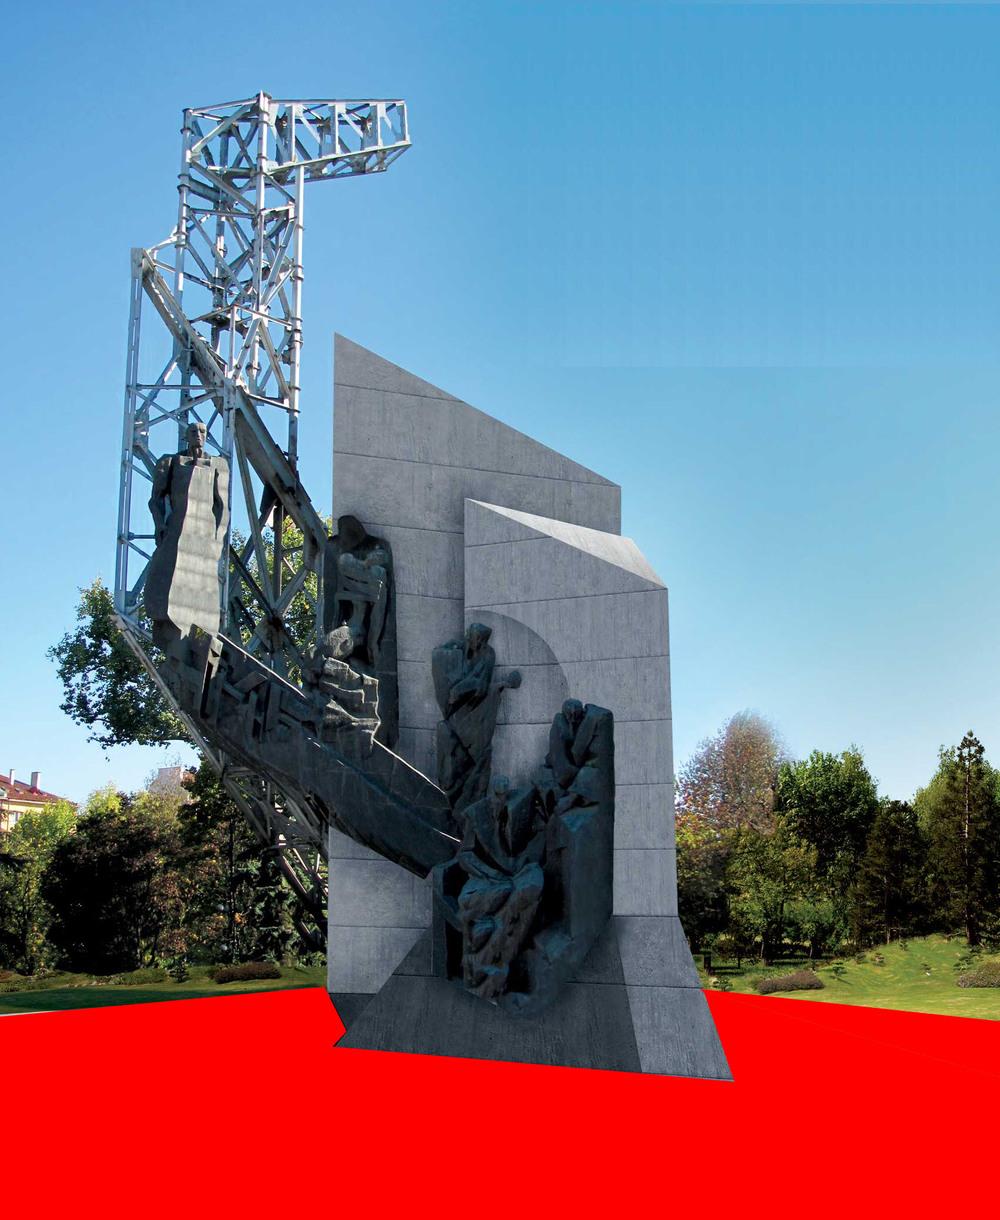 Виждането на проф. Старчев за консервация на паметника + тема за конкурс и дебат в червено.